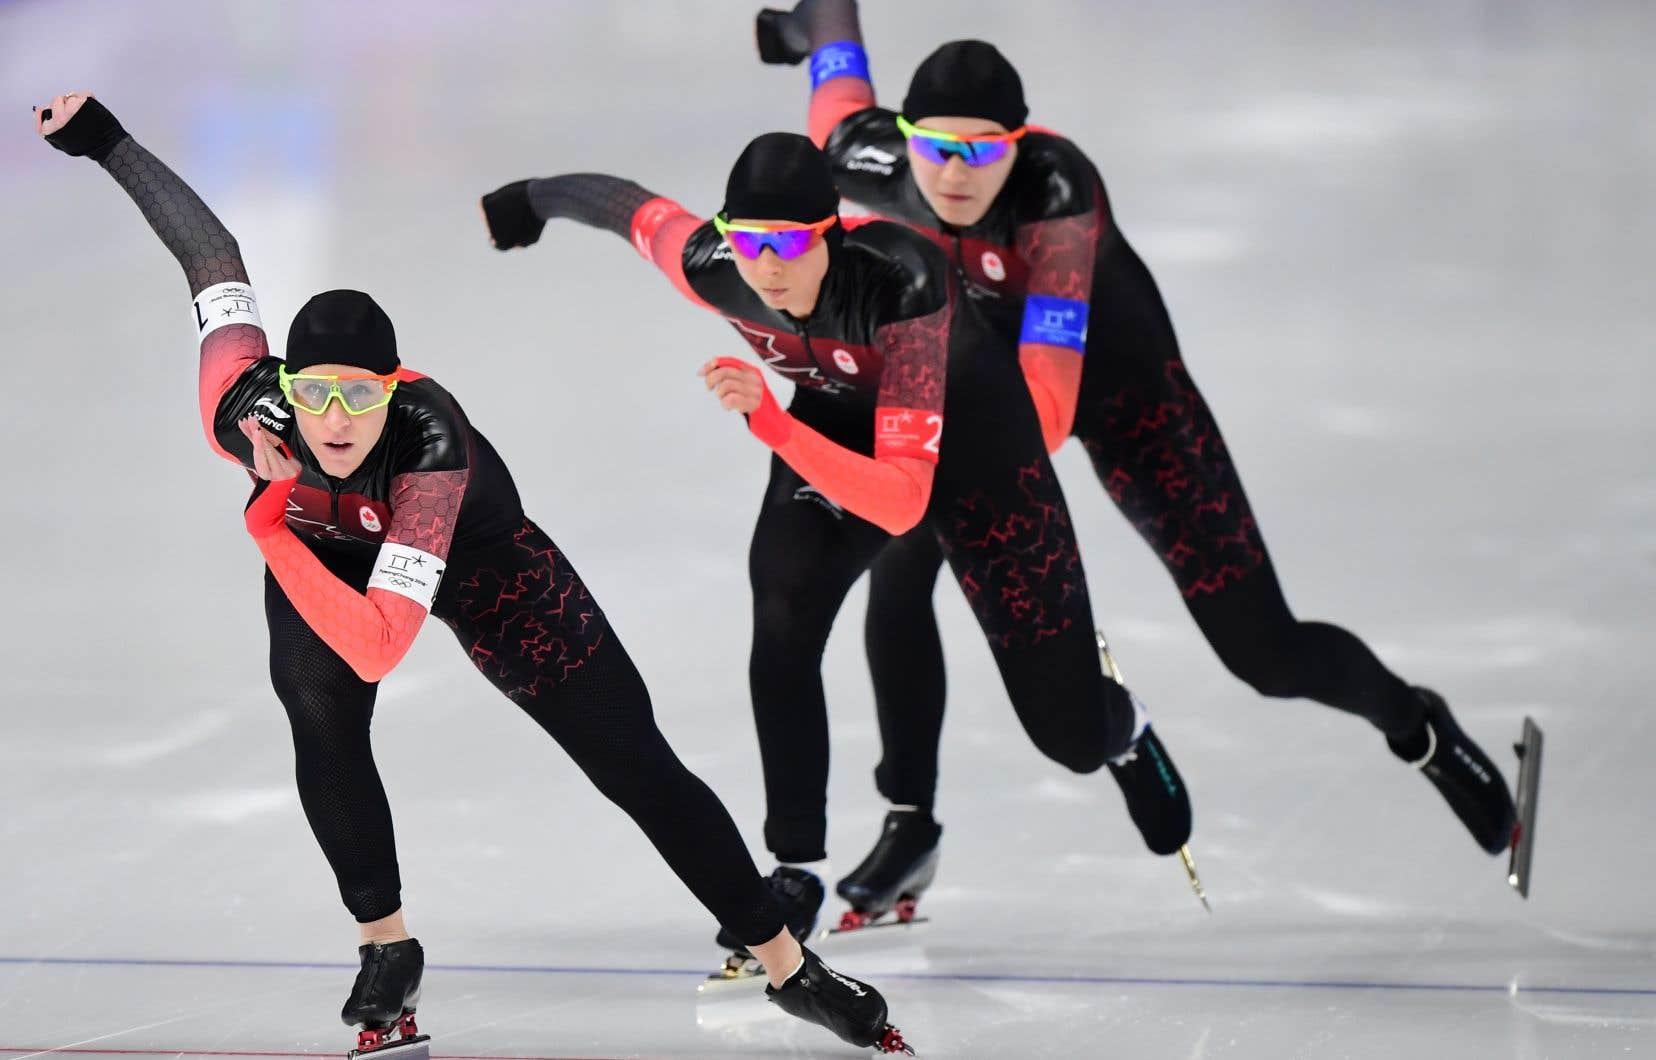 Ivanie Blondin, Keri Morrison et Isabelle Weidemann aux Jeux olympiques d'hiver de PyeongChang, le 21 février dernier.